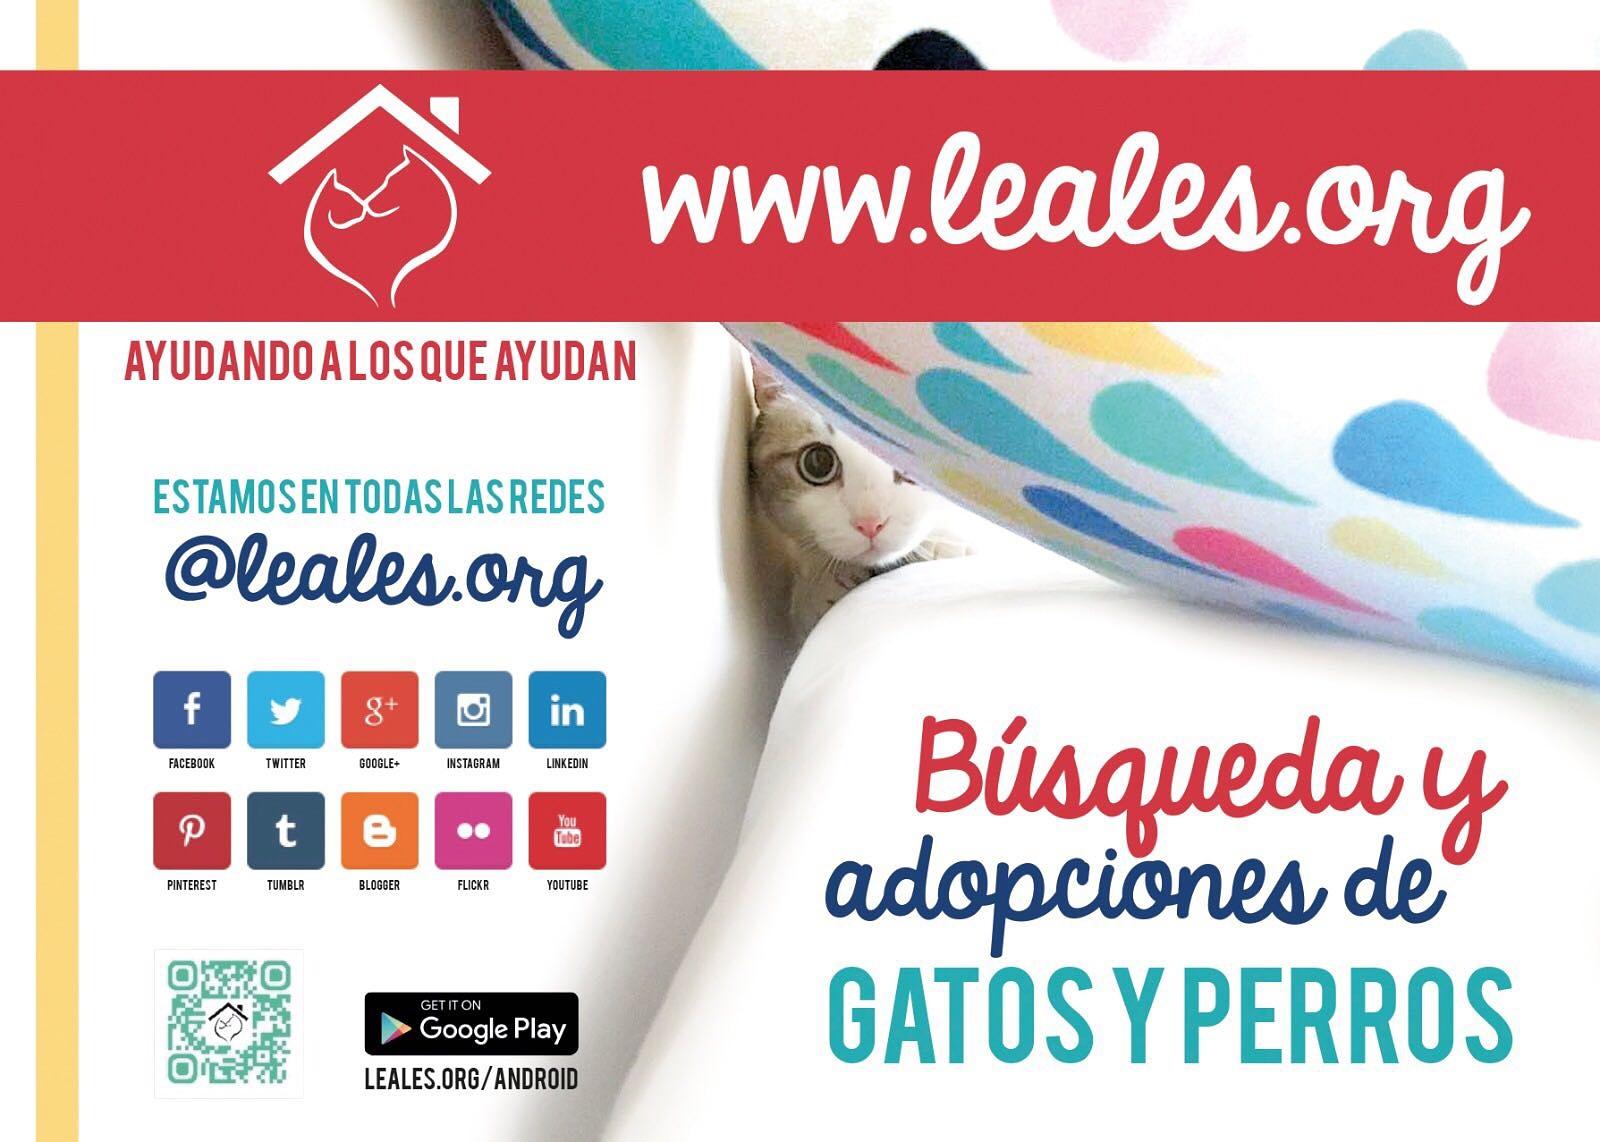 Leales.org